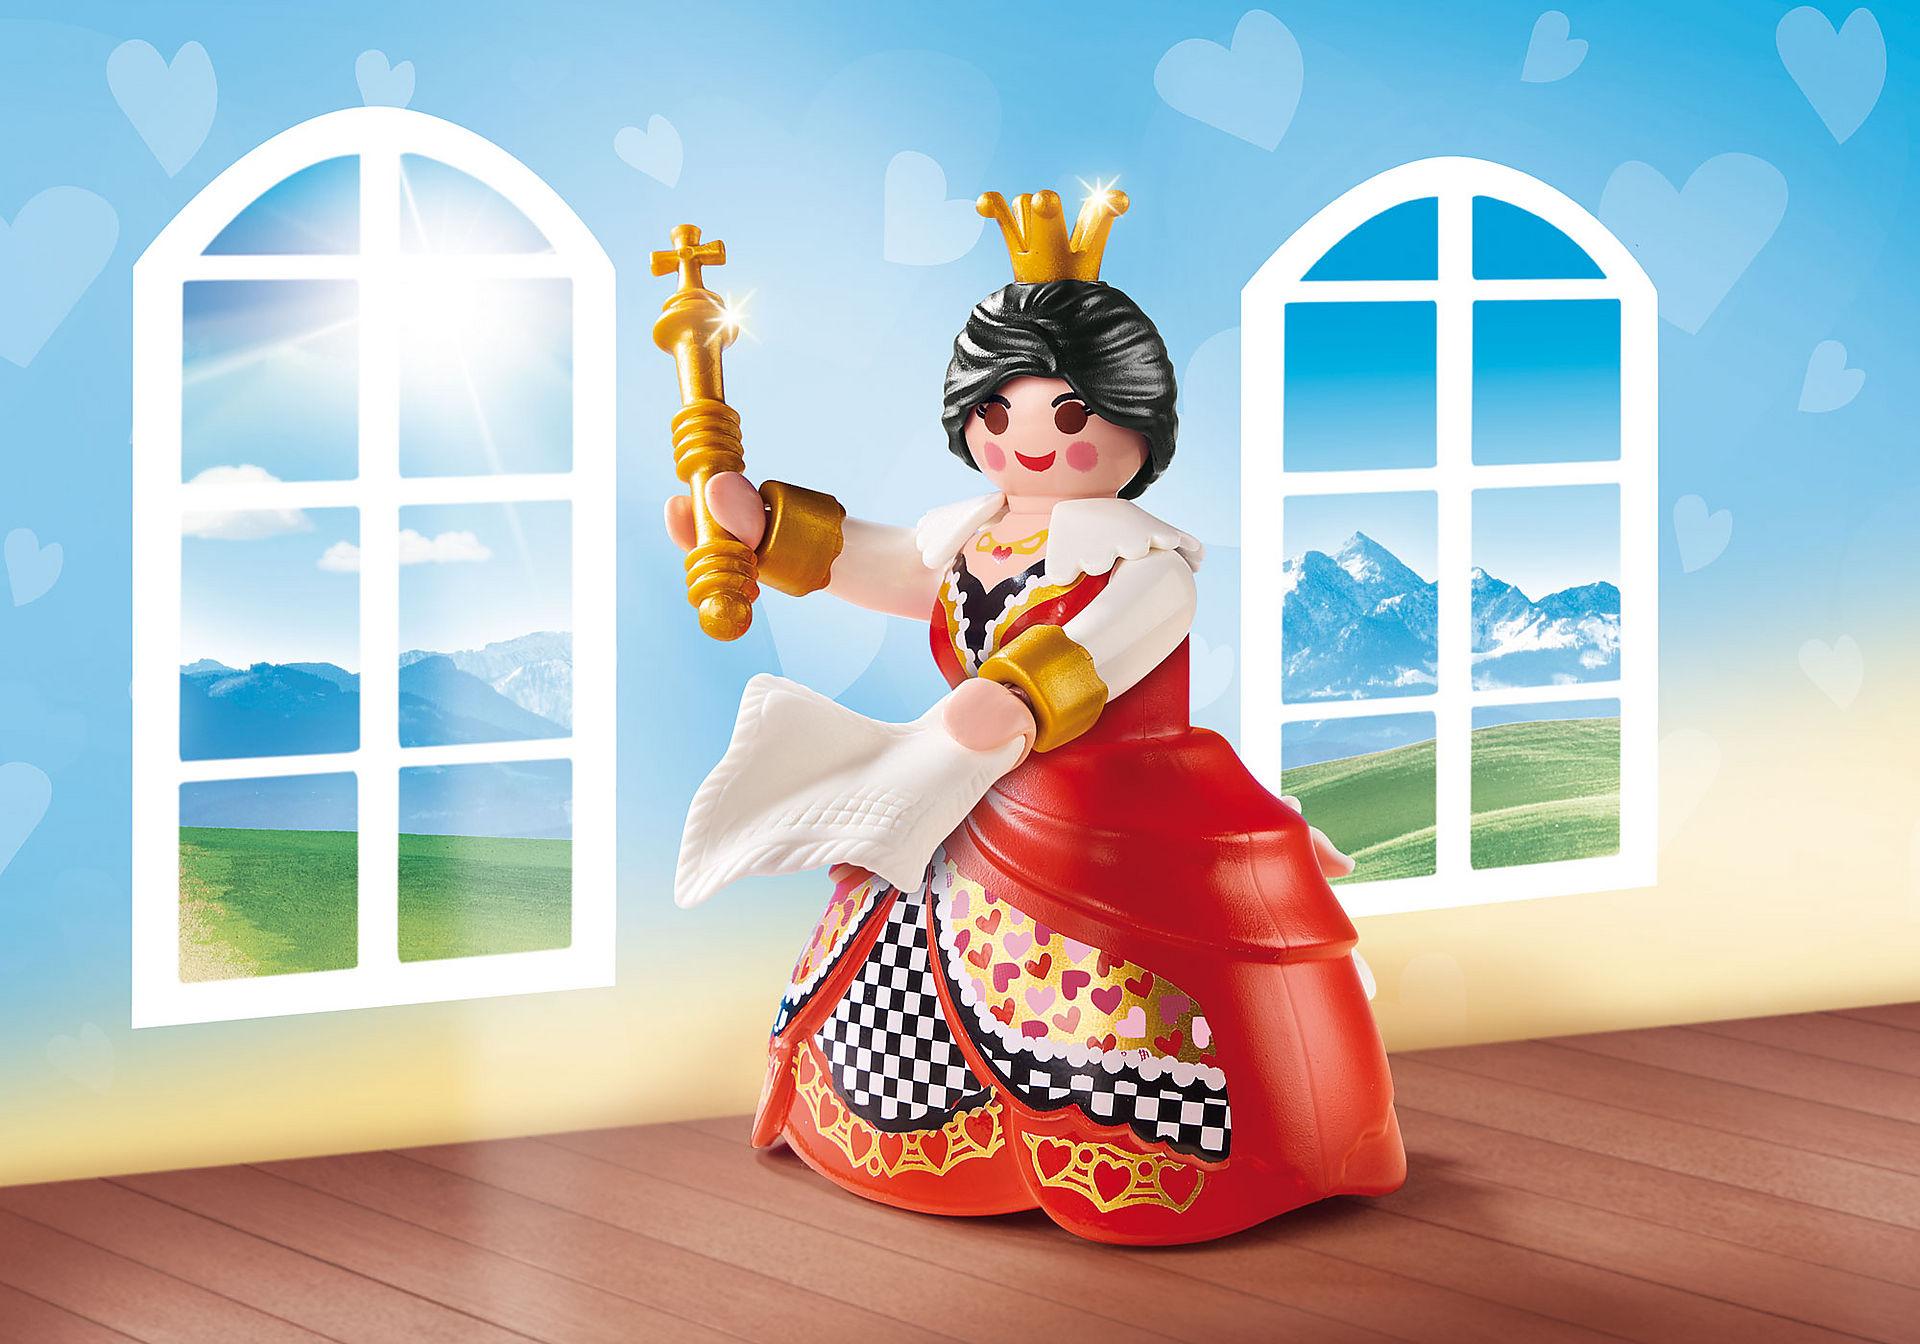 70239 Queen of hearts zoom image1